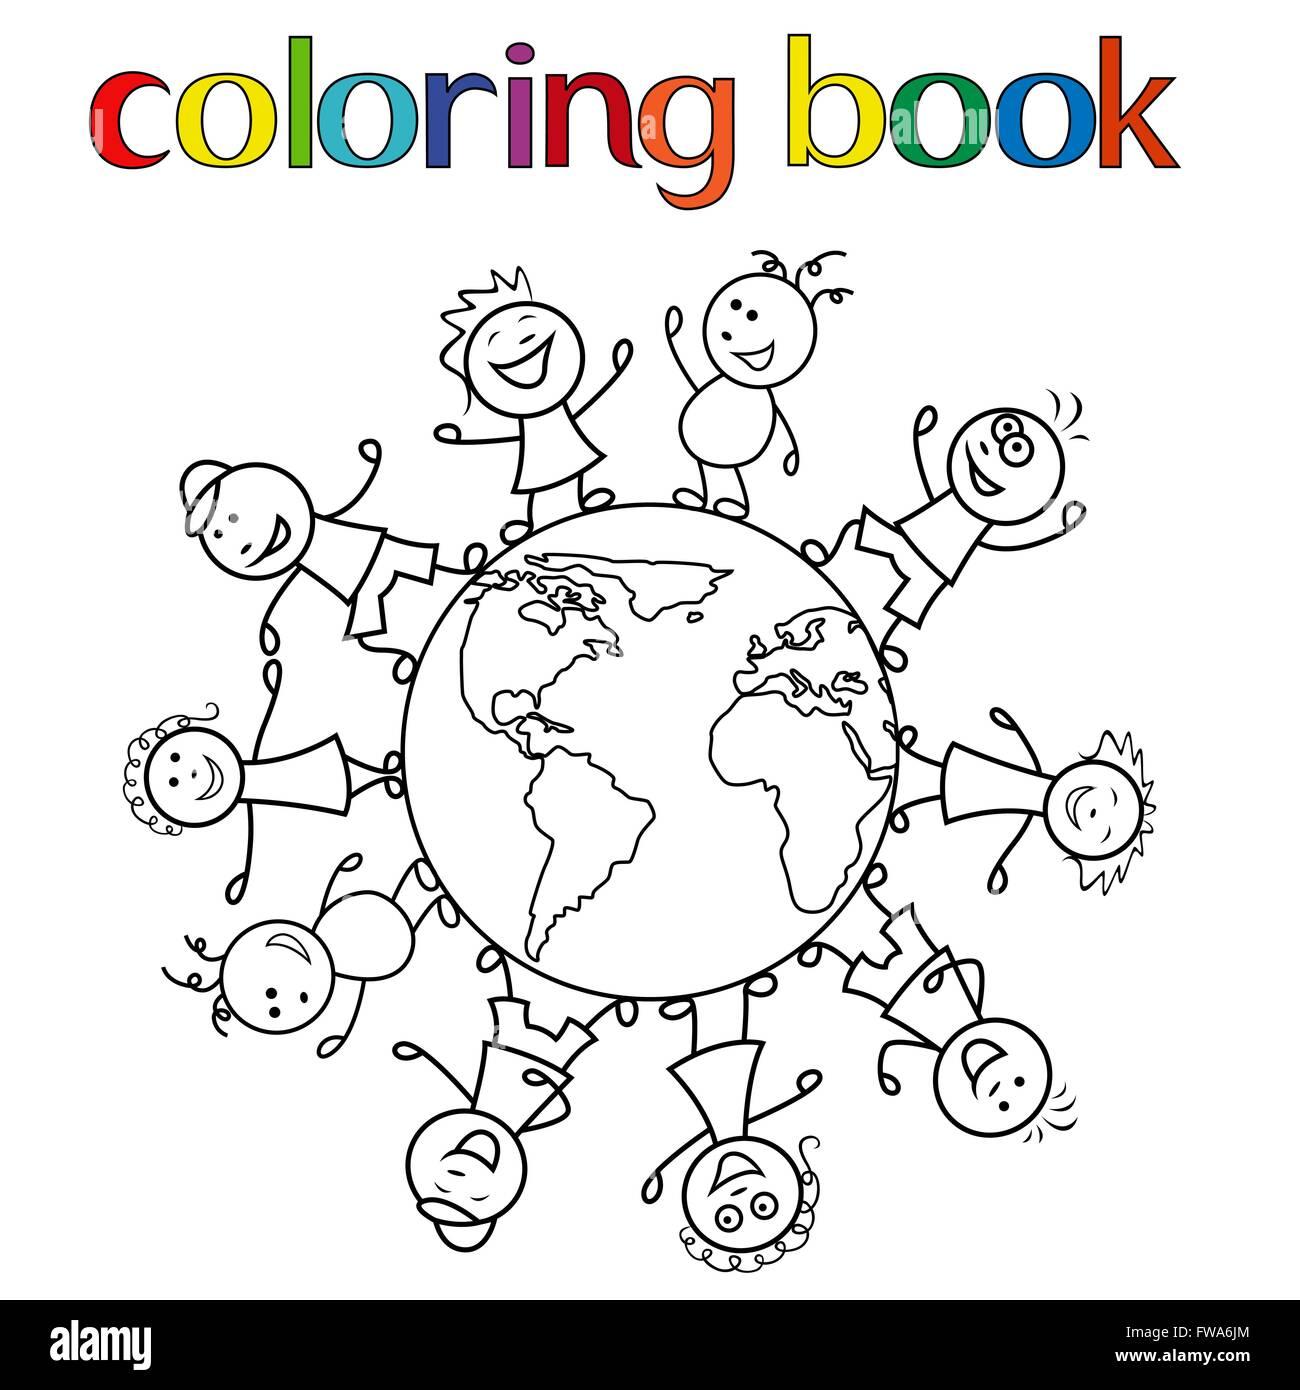 Bambini Di Tutto Il Mondo Da Colorare.Felice Unite Insieme Ai Bambini Di Tutto Il Mondo Cartoon Illustrazione Vettoriale Per Libro Da Colorare Immagine E Vettoriale Alamy